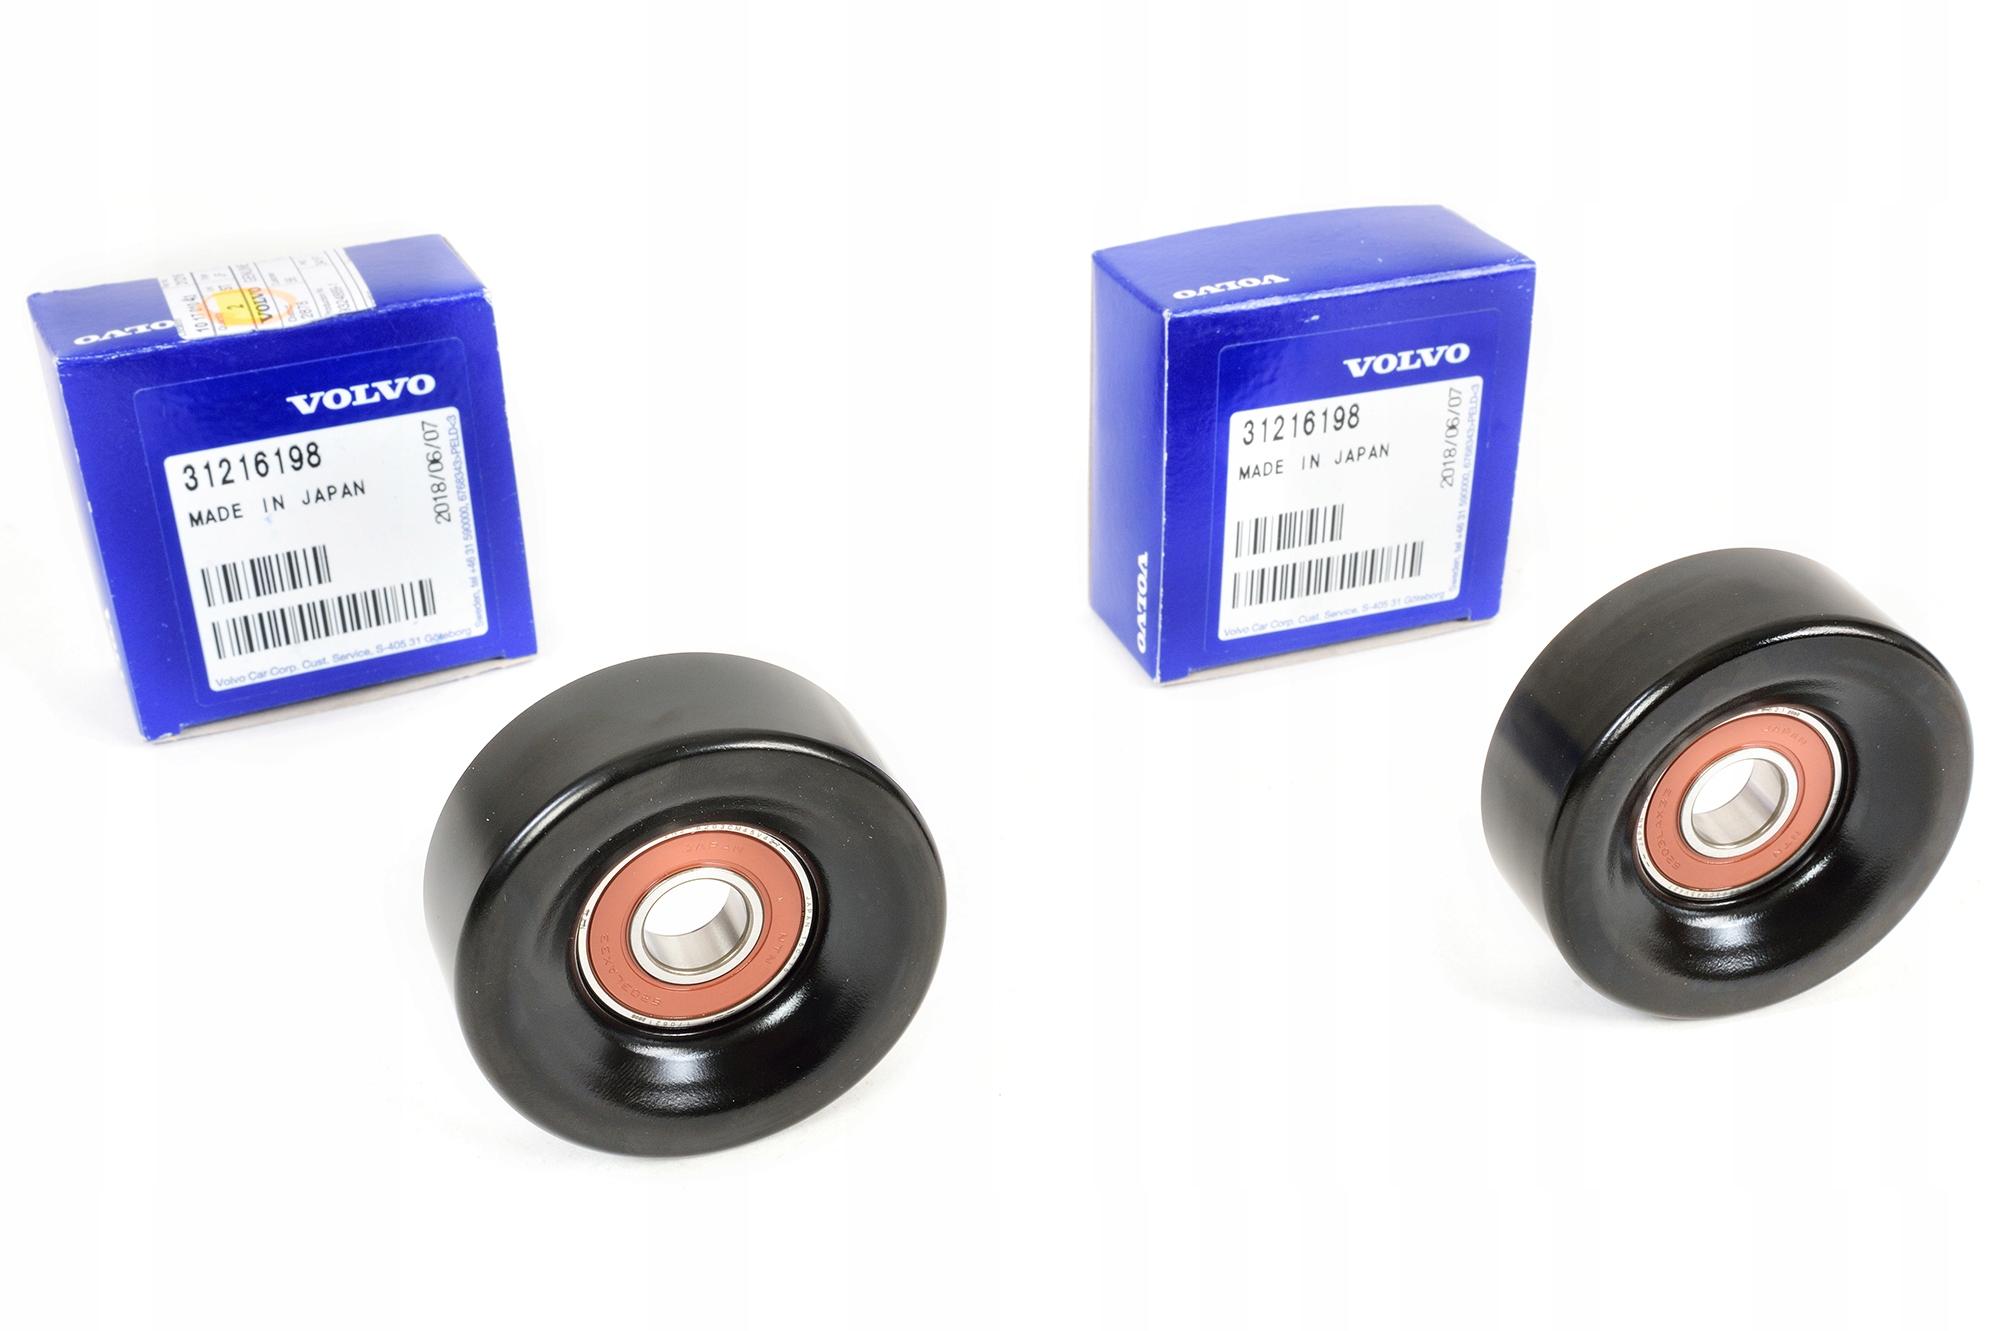 ролики ролик панели 2 шт volvo v8 xc90 s80